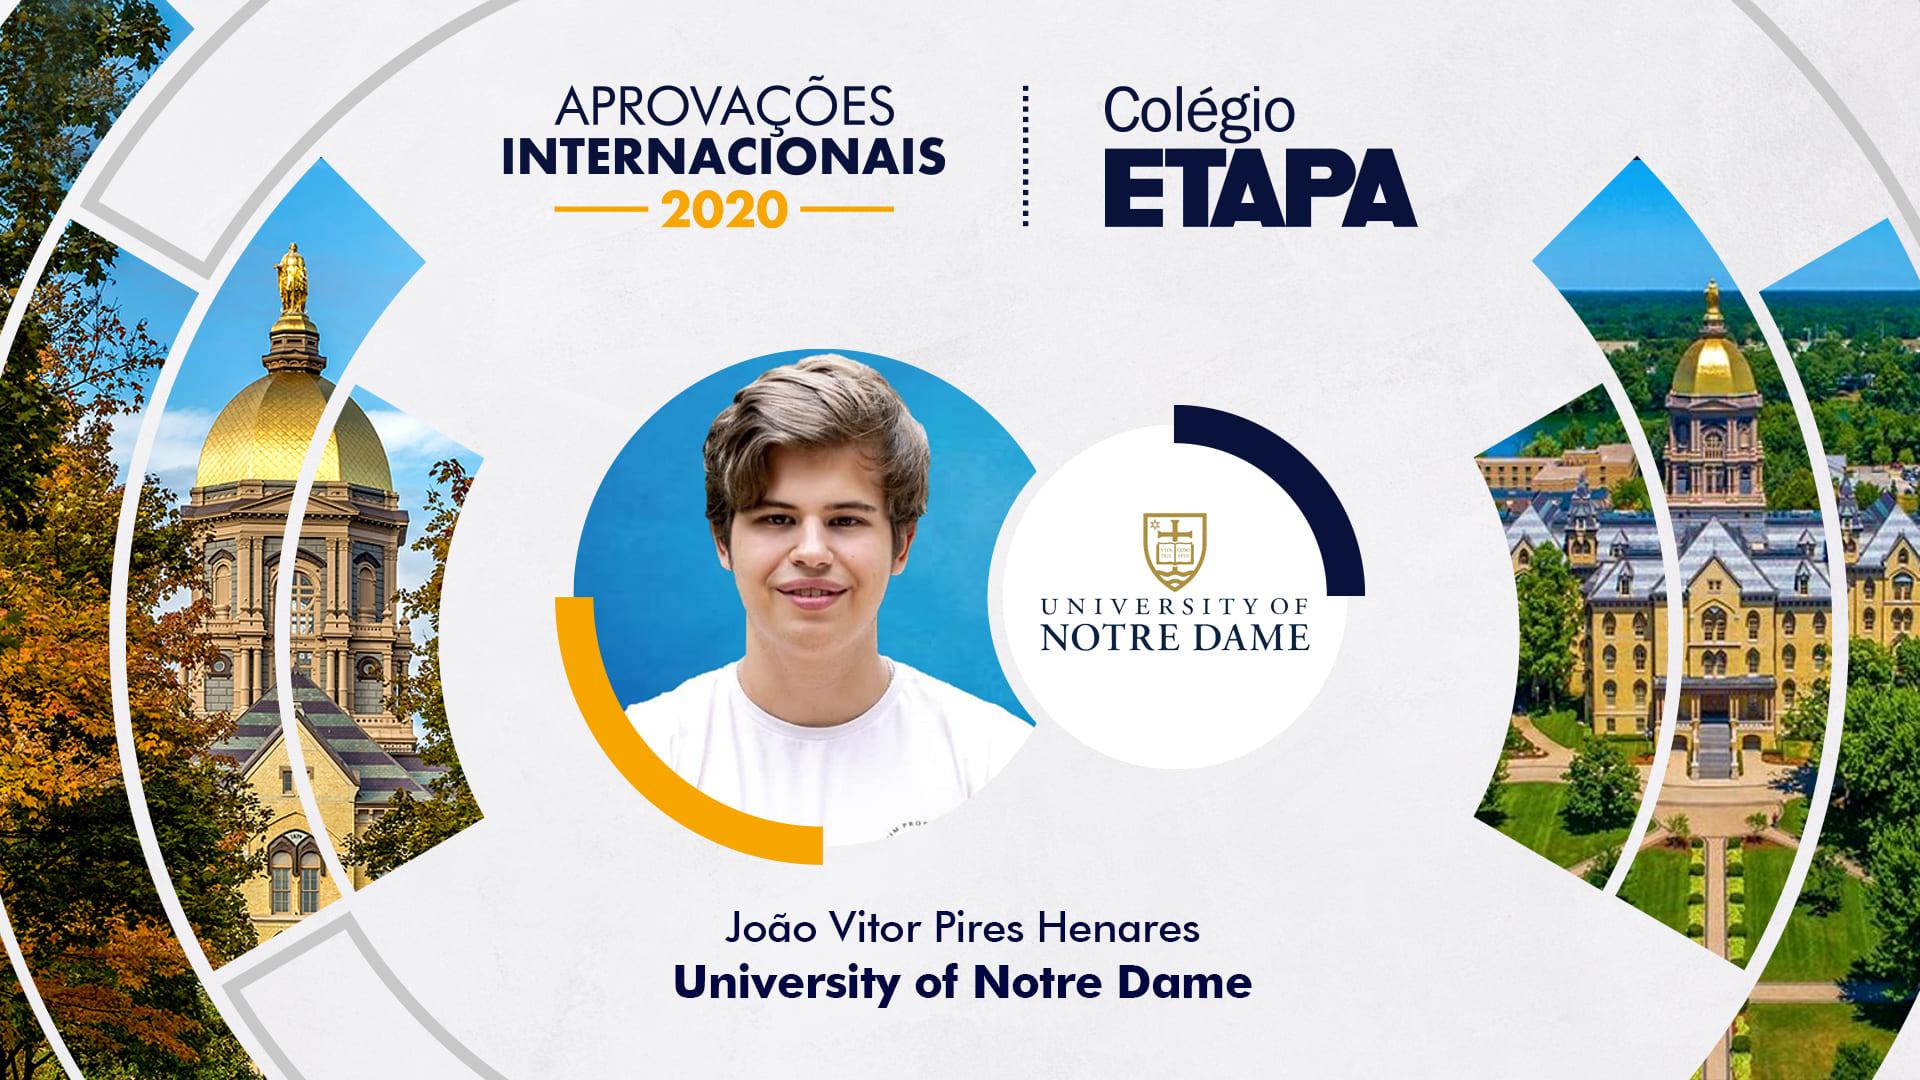 João Vitor Pires Henares também foi aprovado na Universidade de São Paulo (USP).